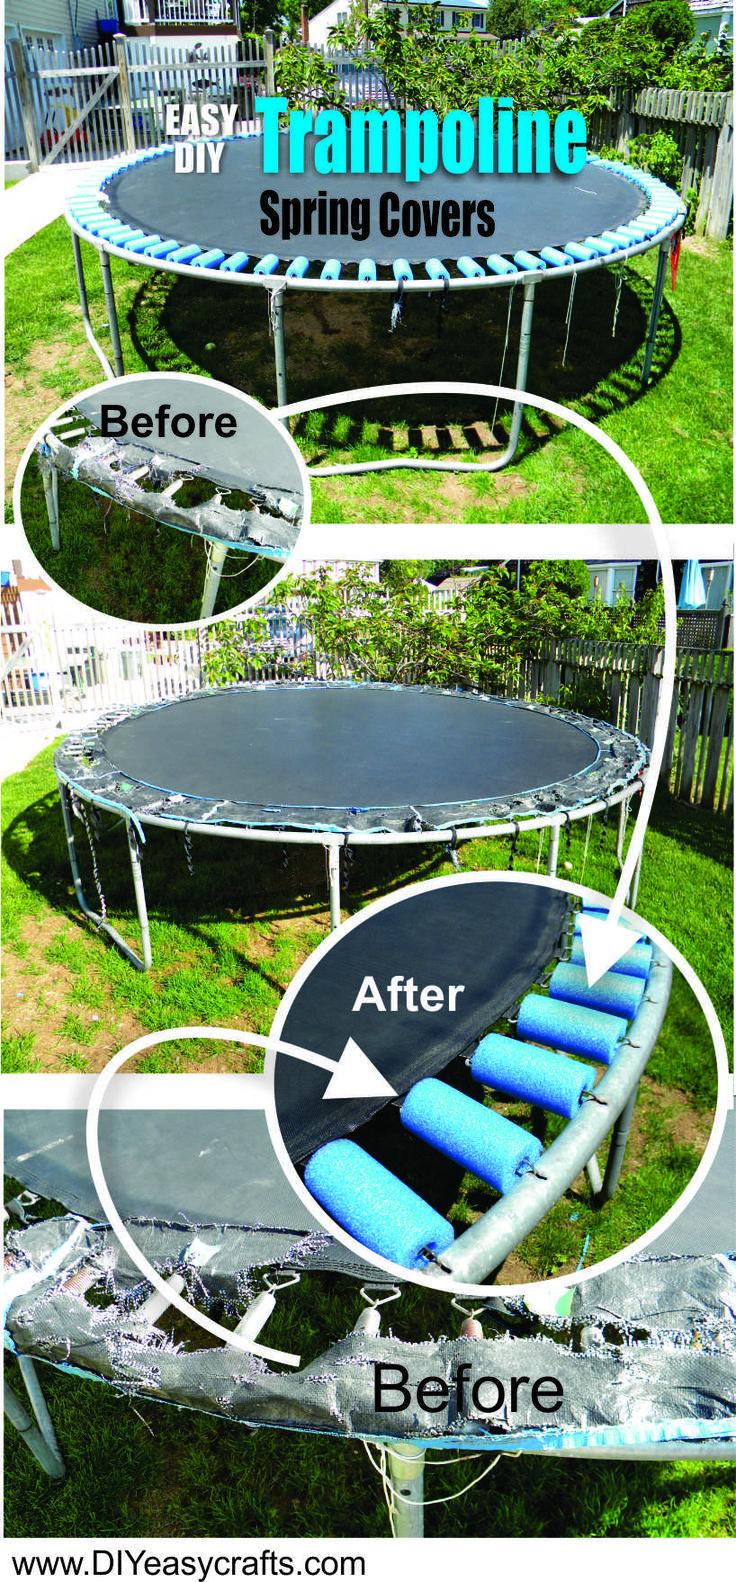 DIY Trampoline Spring cover pool noodle repair. www.DIYeasycrafts.com